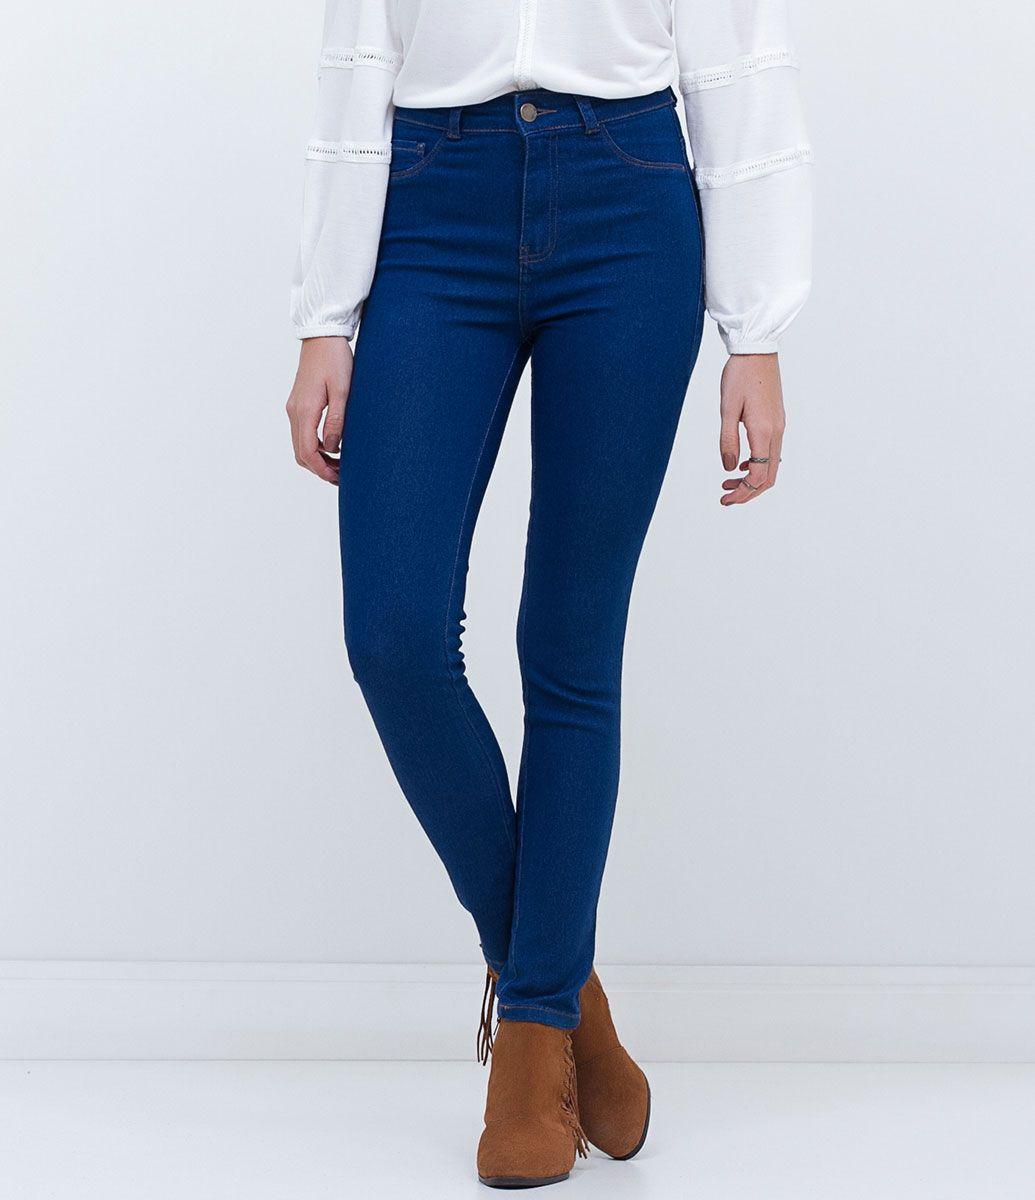 89d64faf29 Calça feminina Modelo skinny Cintura alta Barra alta Marca  Blue Steel  Tecido  Jeans Composição  77% algodão